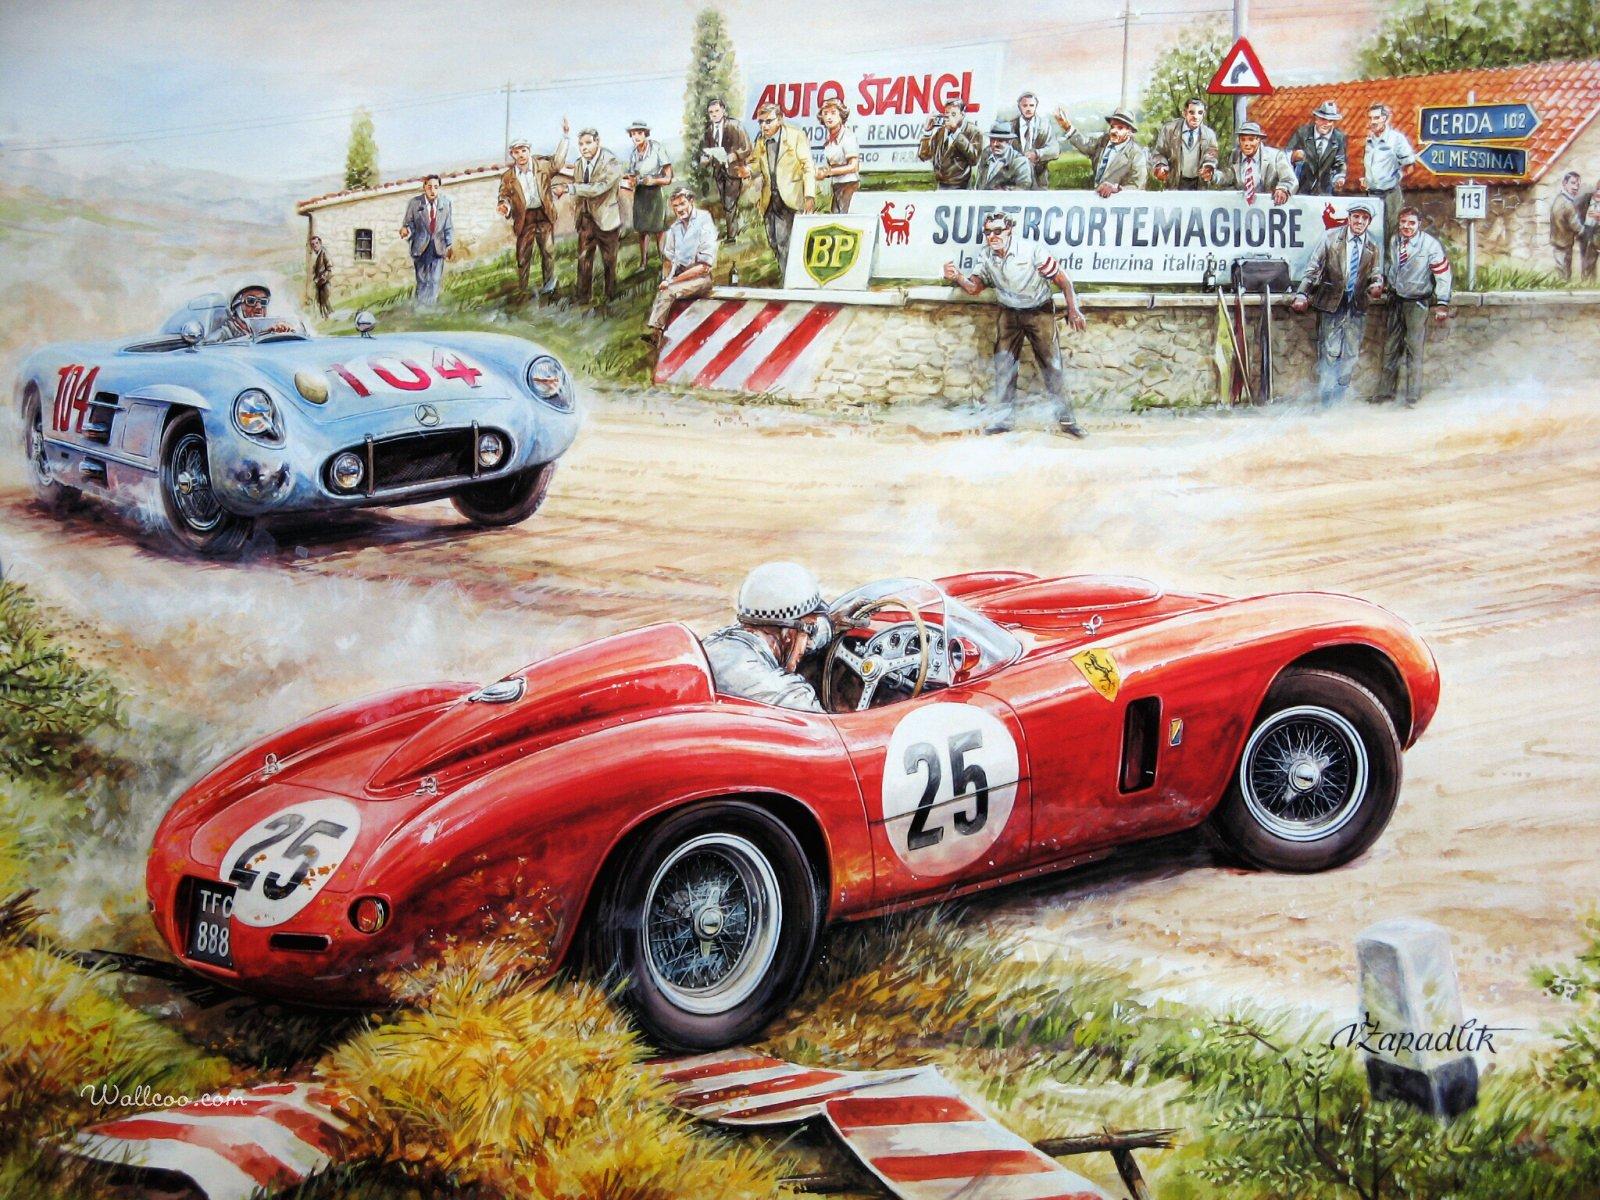 Vintage Car Racing Scene Backgrounds